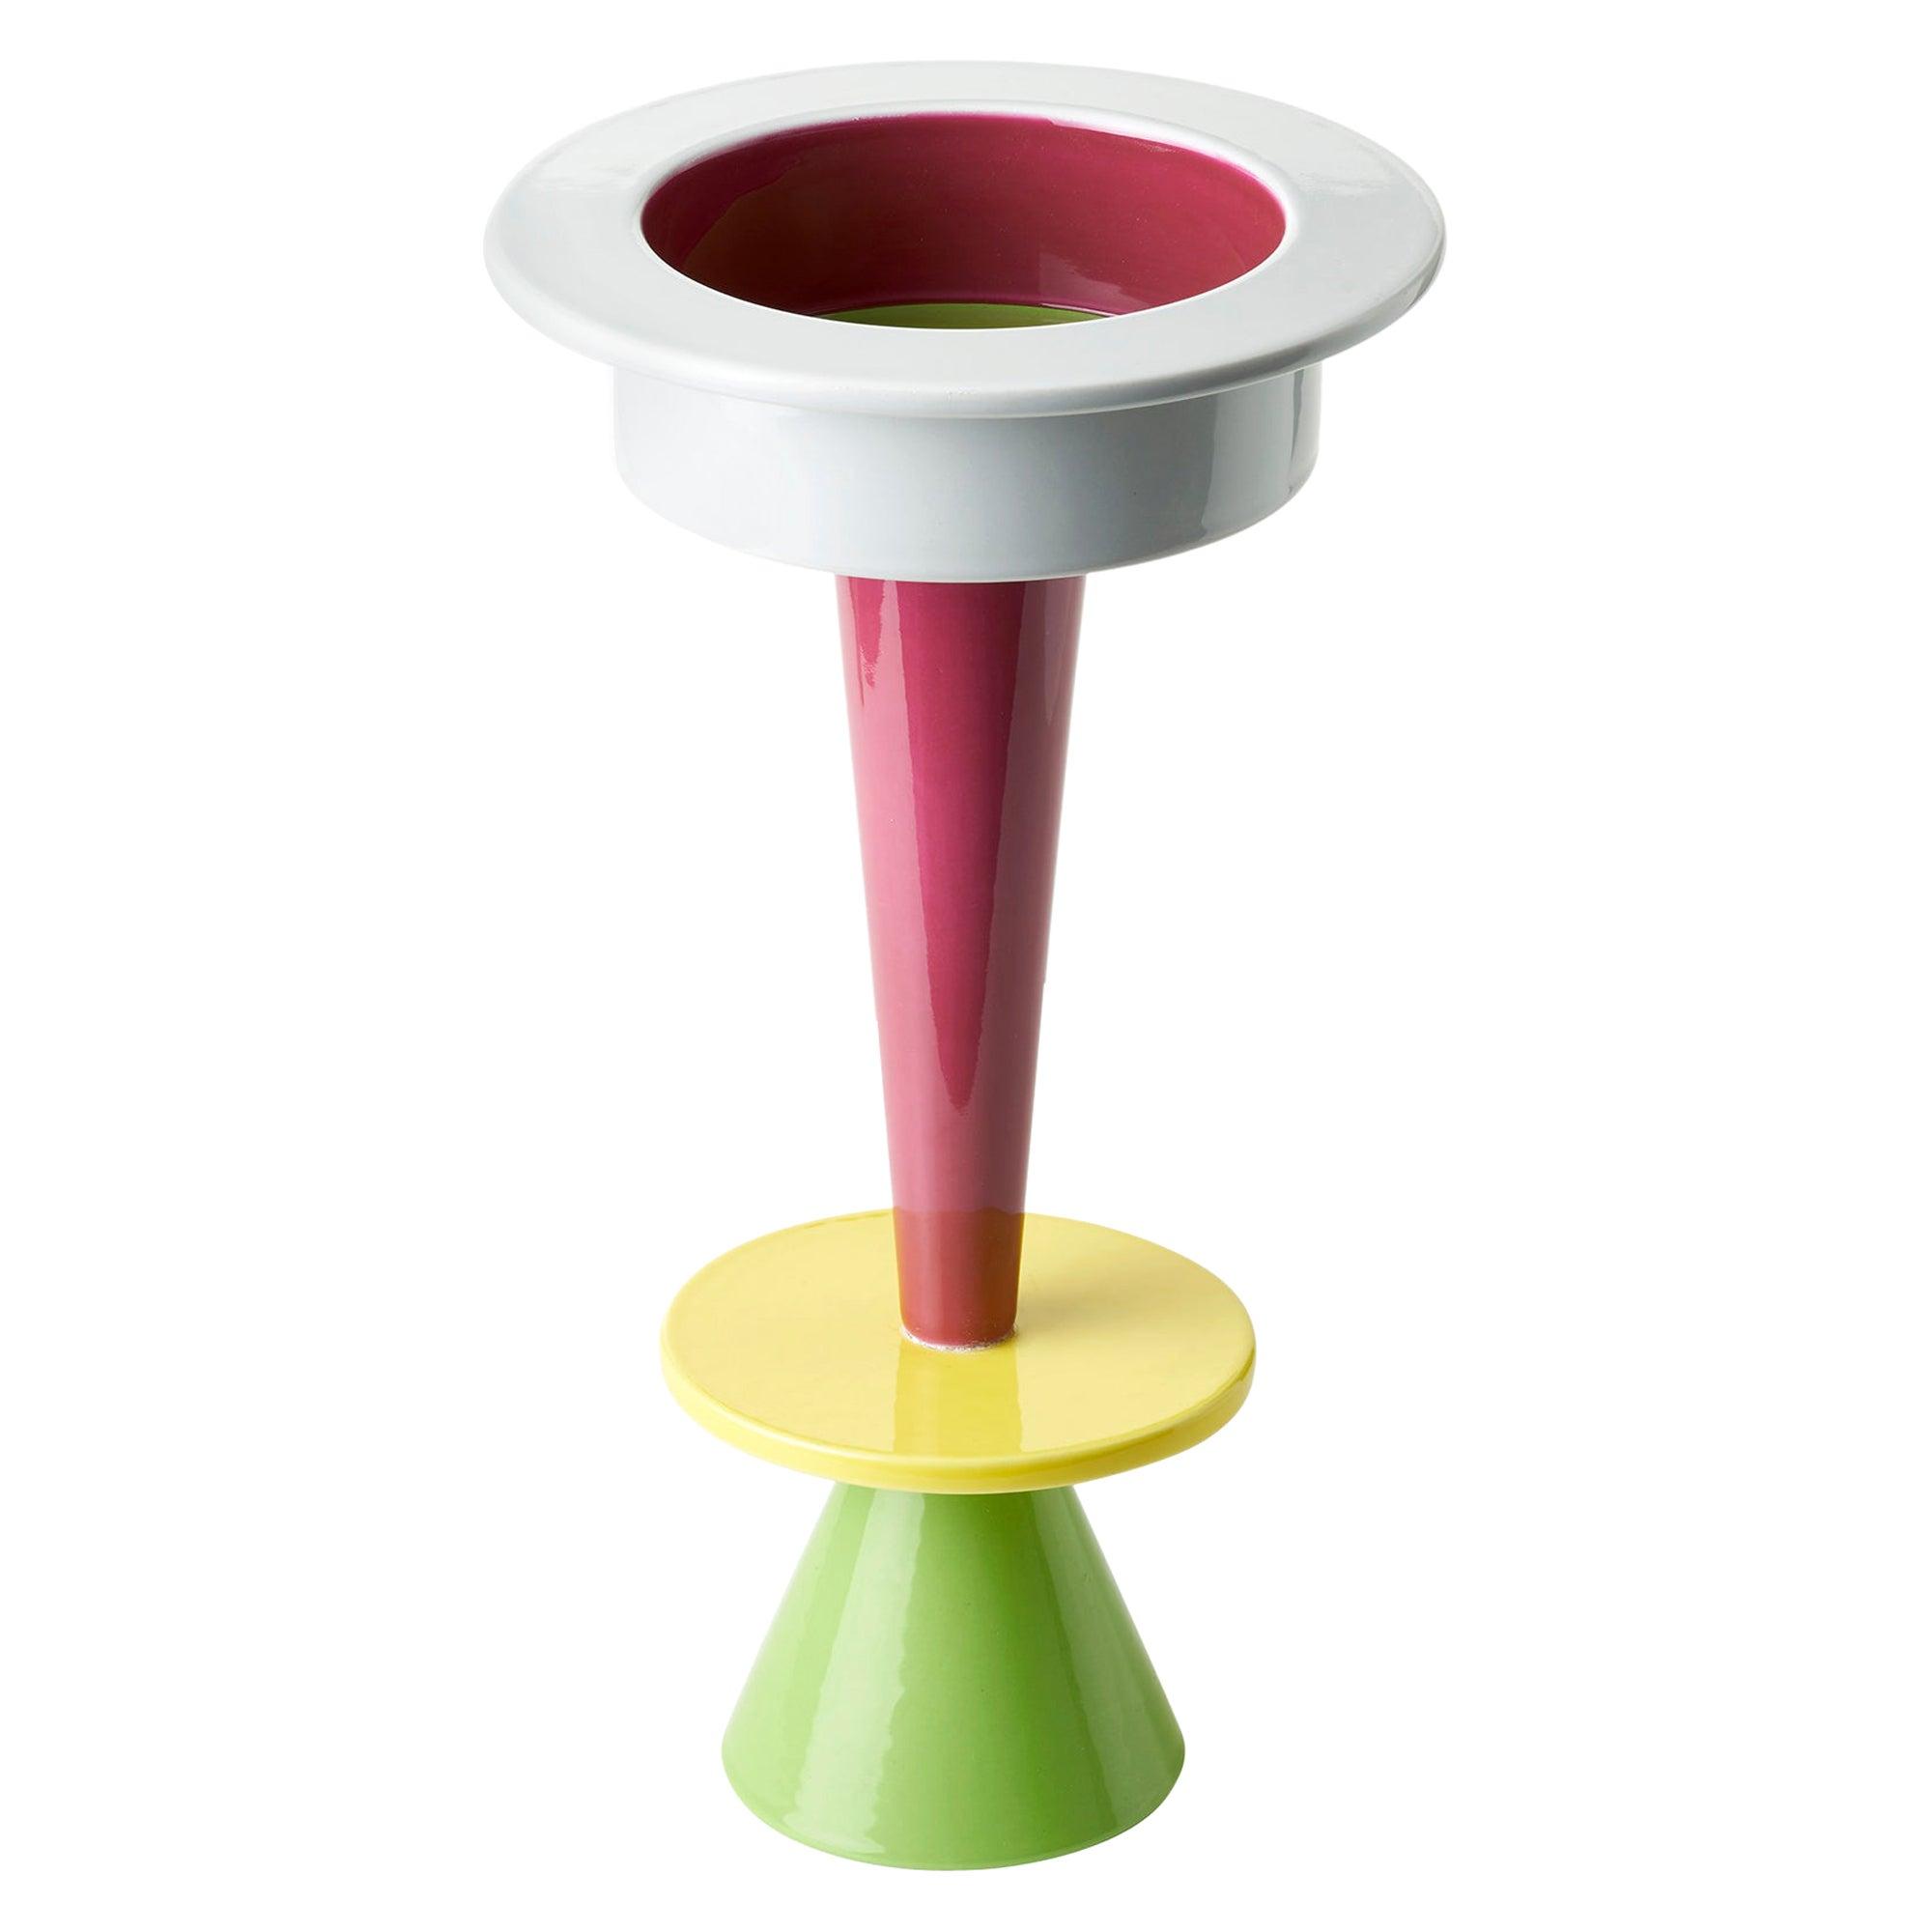 Vaso Multicolore by Karim Rashid